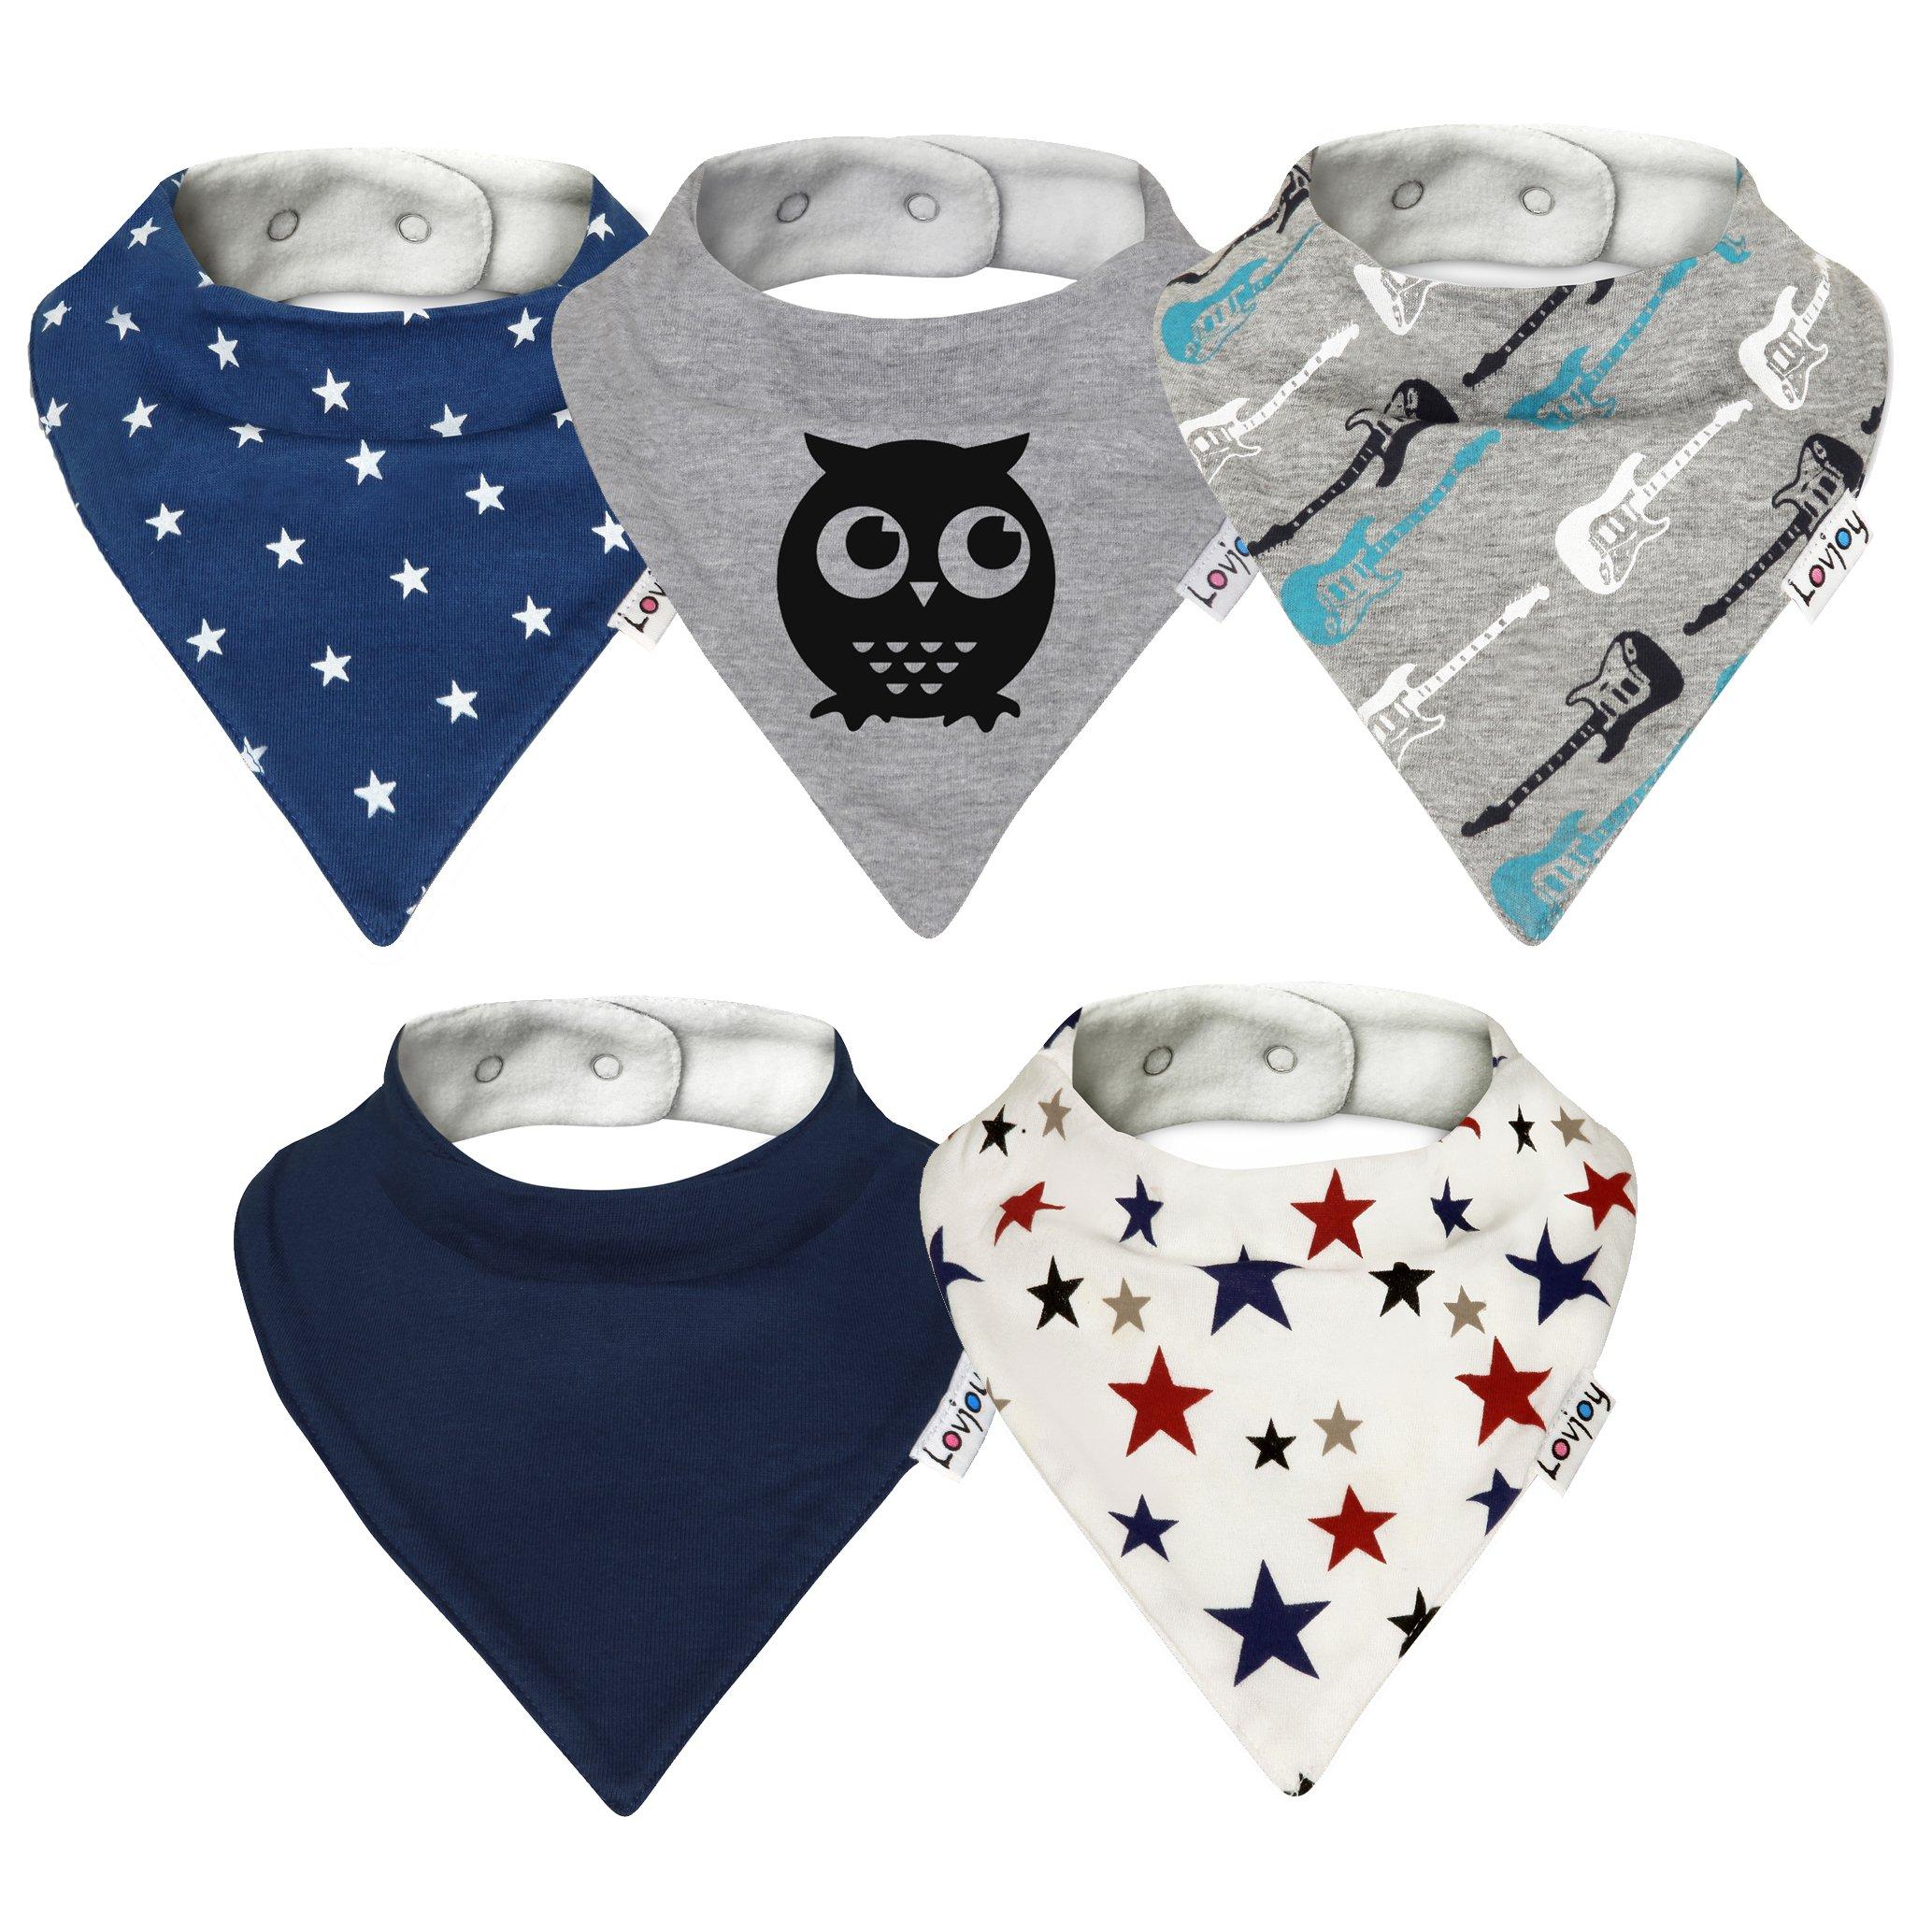 Lovjoy Baberos del bebé – Paquete de 5 Diseños para niño (Pequeña estrella) product